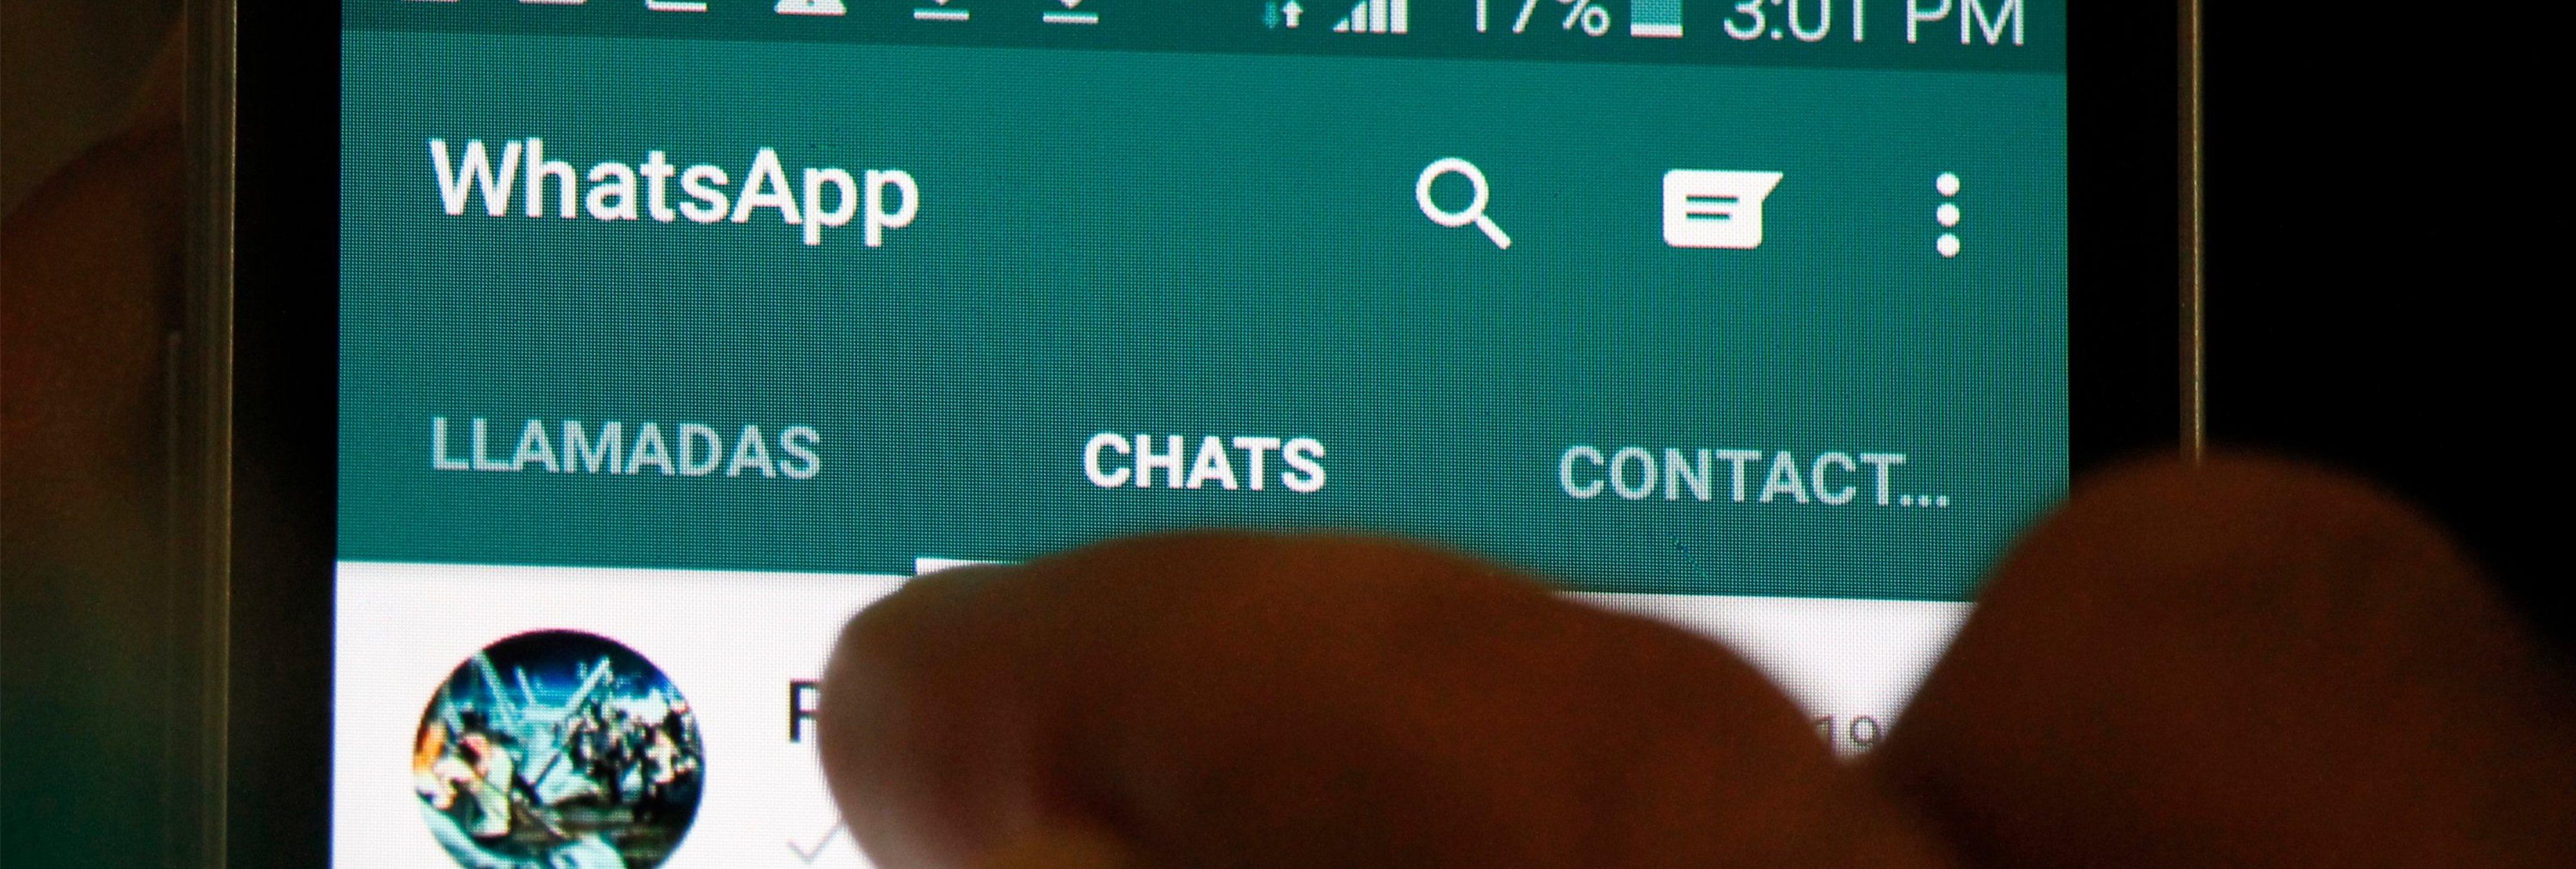 ¡Cuidado! Esta nueva actualización de WhatsApp podría provocar situaciones muy embarazosas